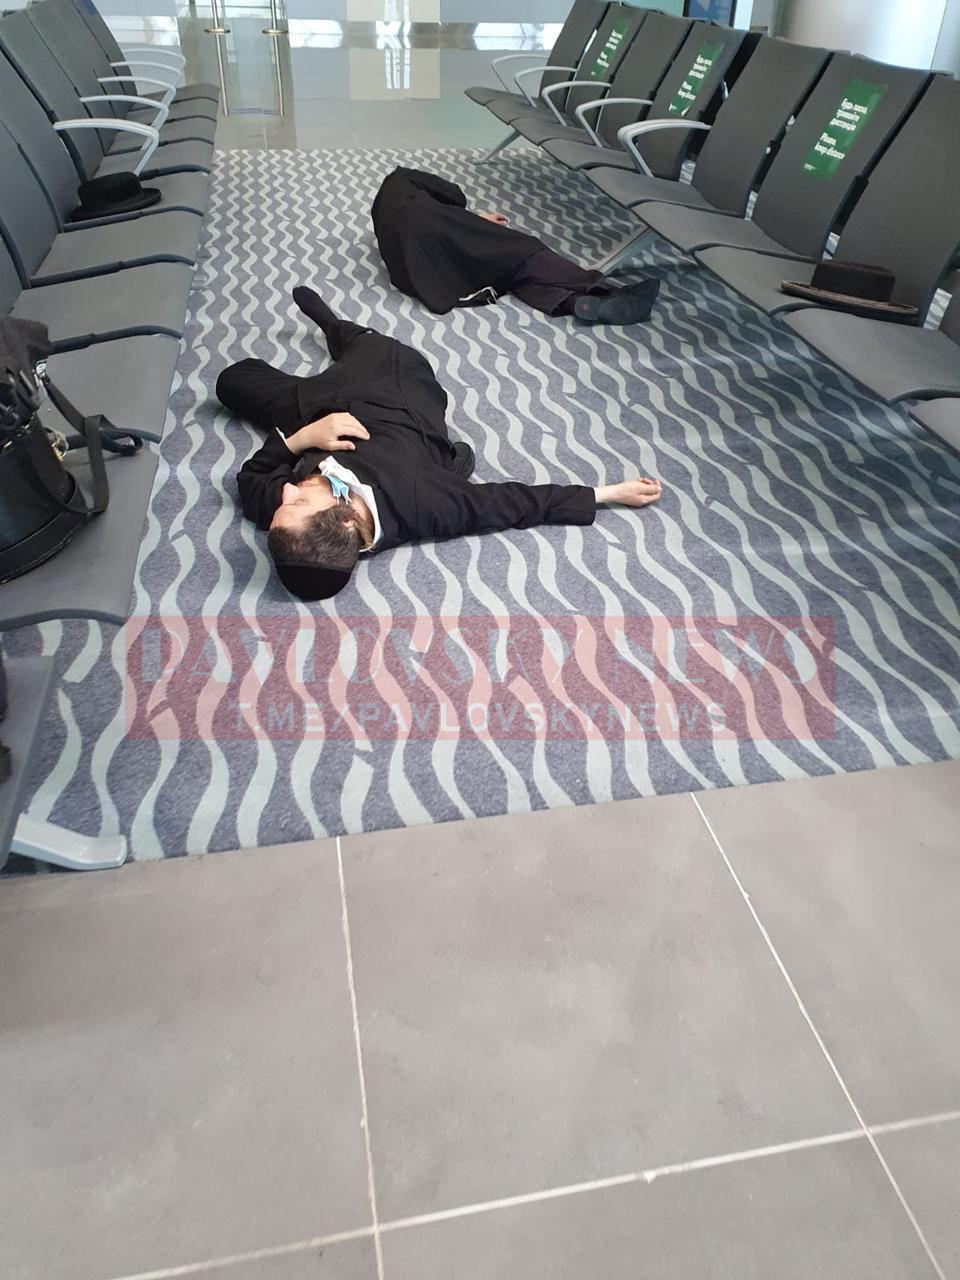 Тысячи хасидов застряли в аэропортах Украины без еды и воды: дети плачут, спят на полу